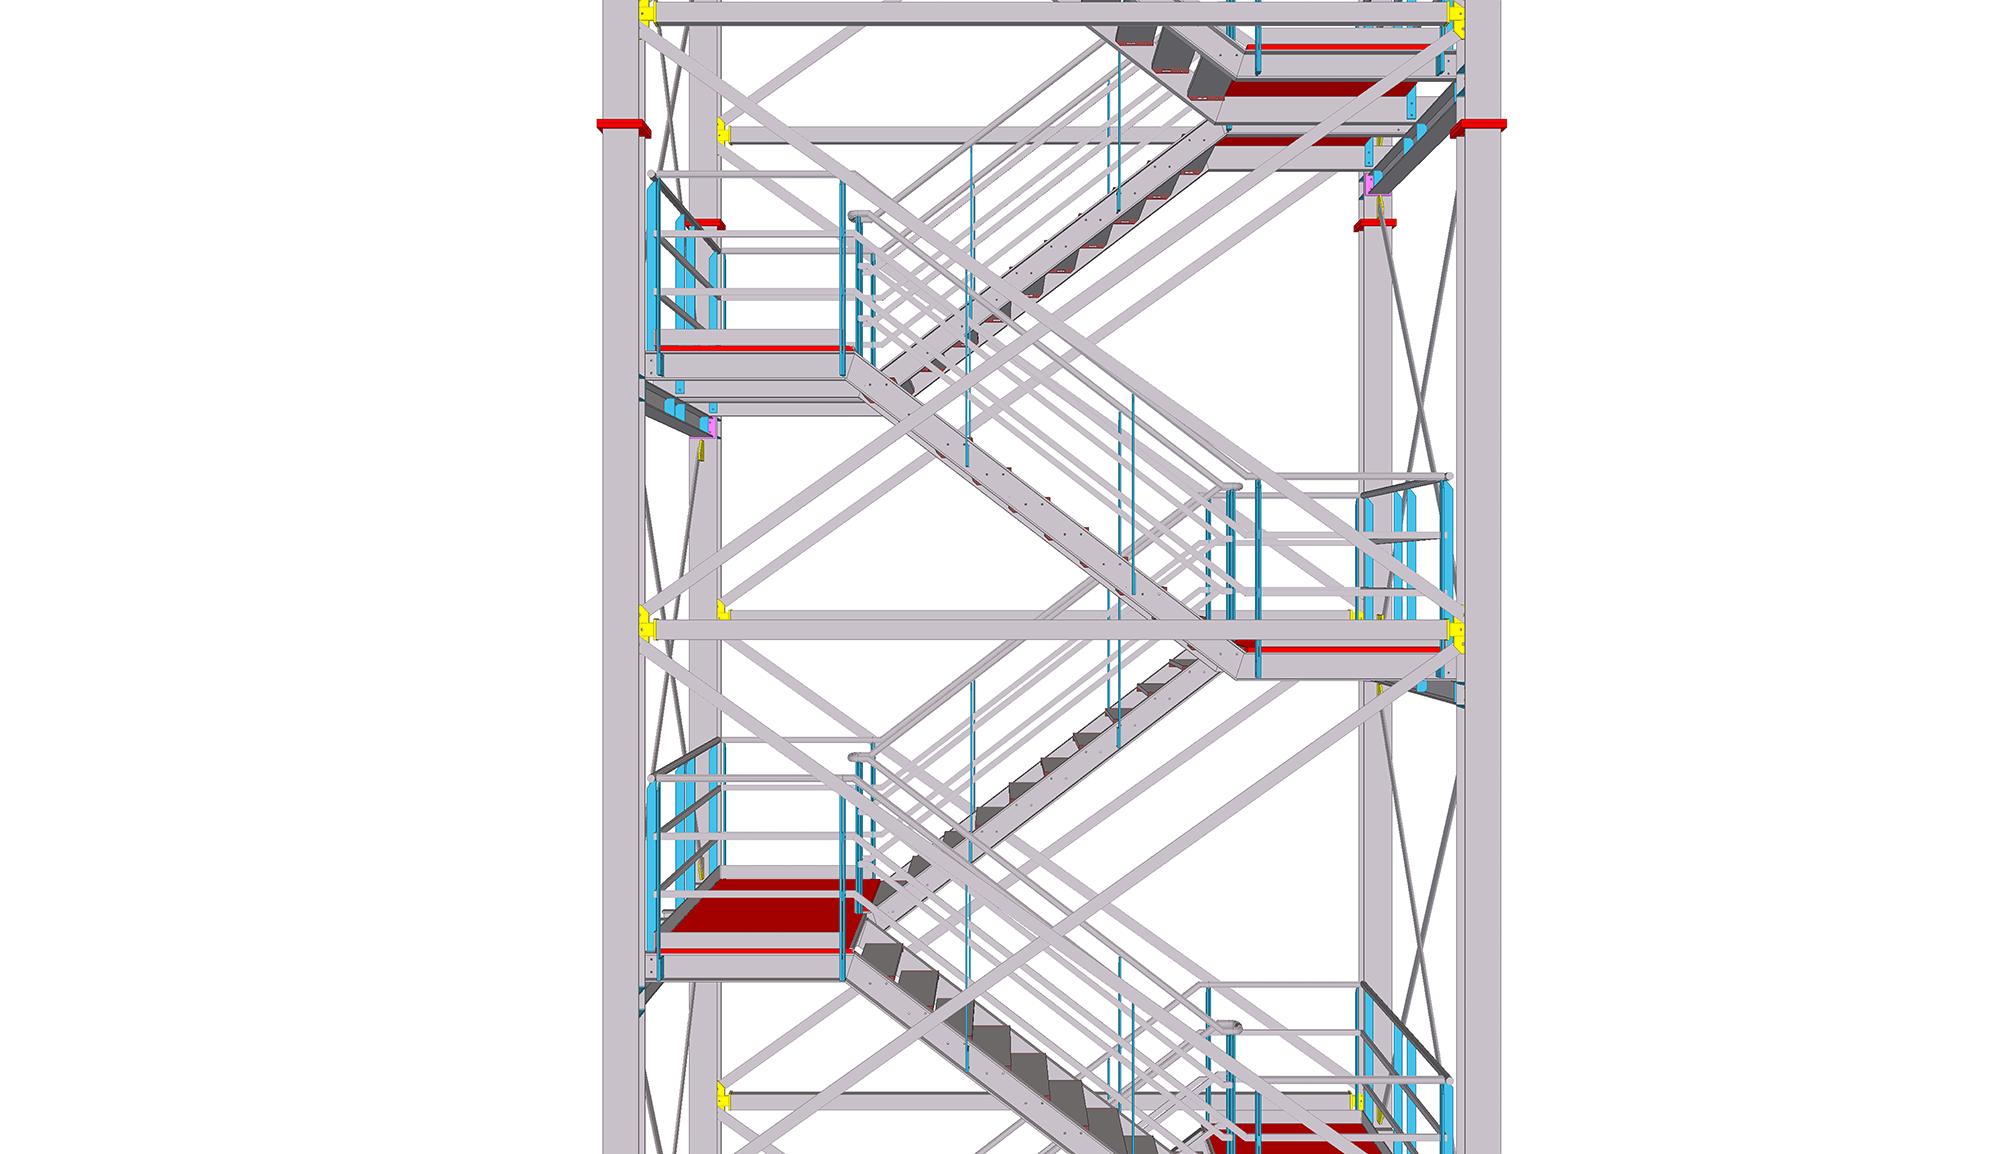 Tekla training steel model